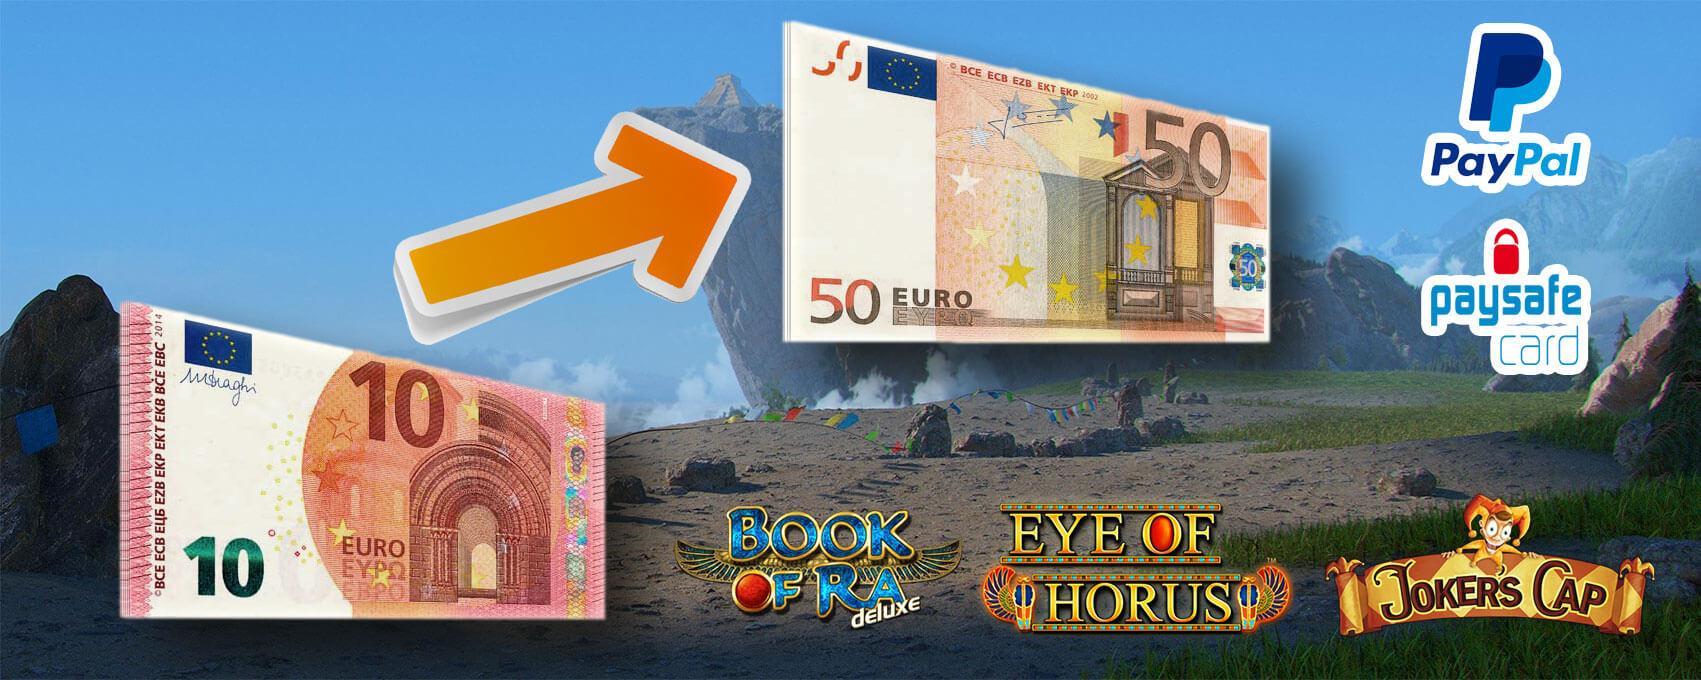 Casino 10 Euro Einzahlen 50 Euro